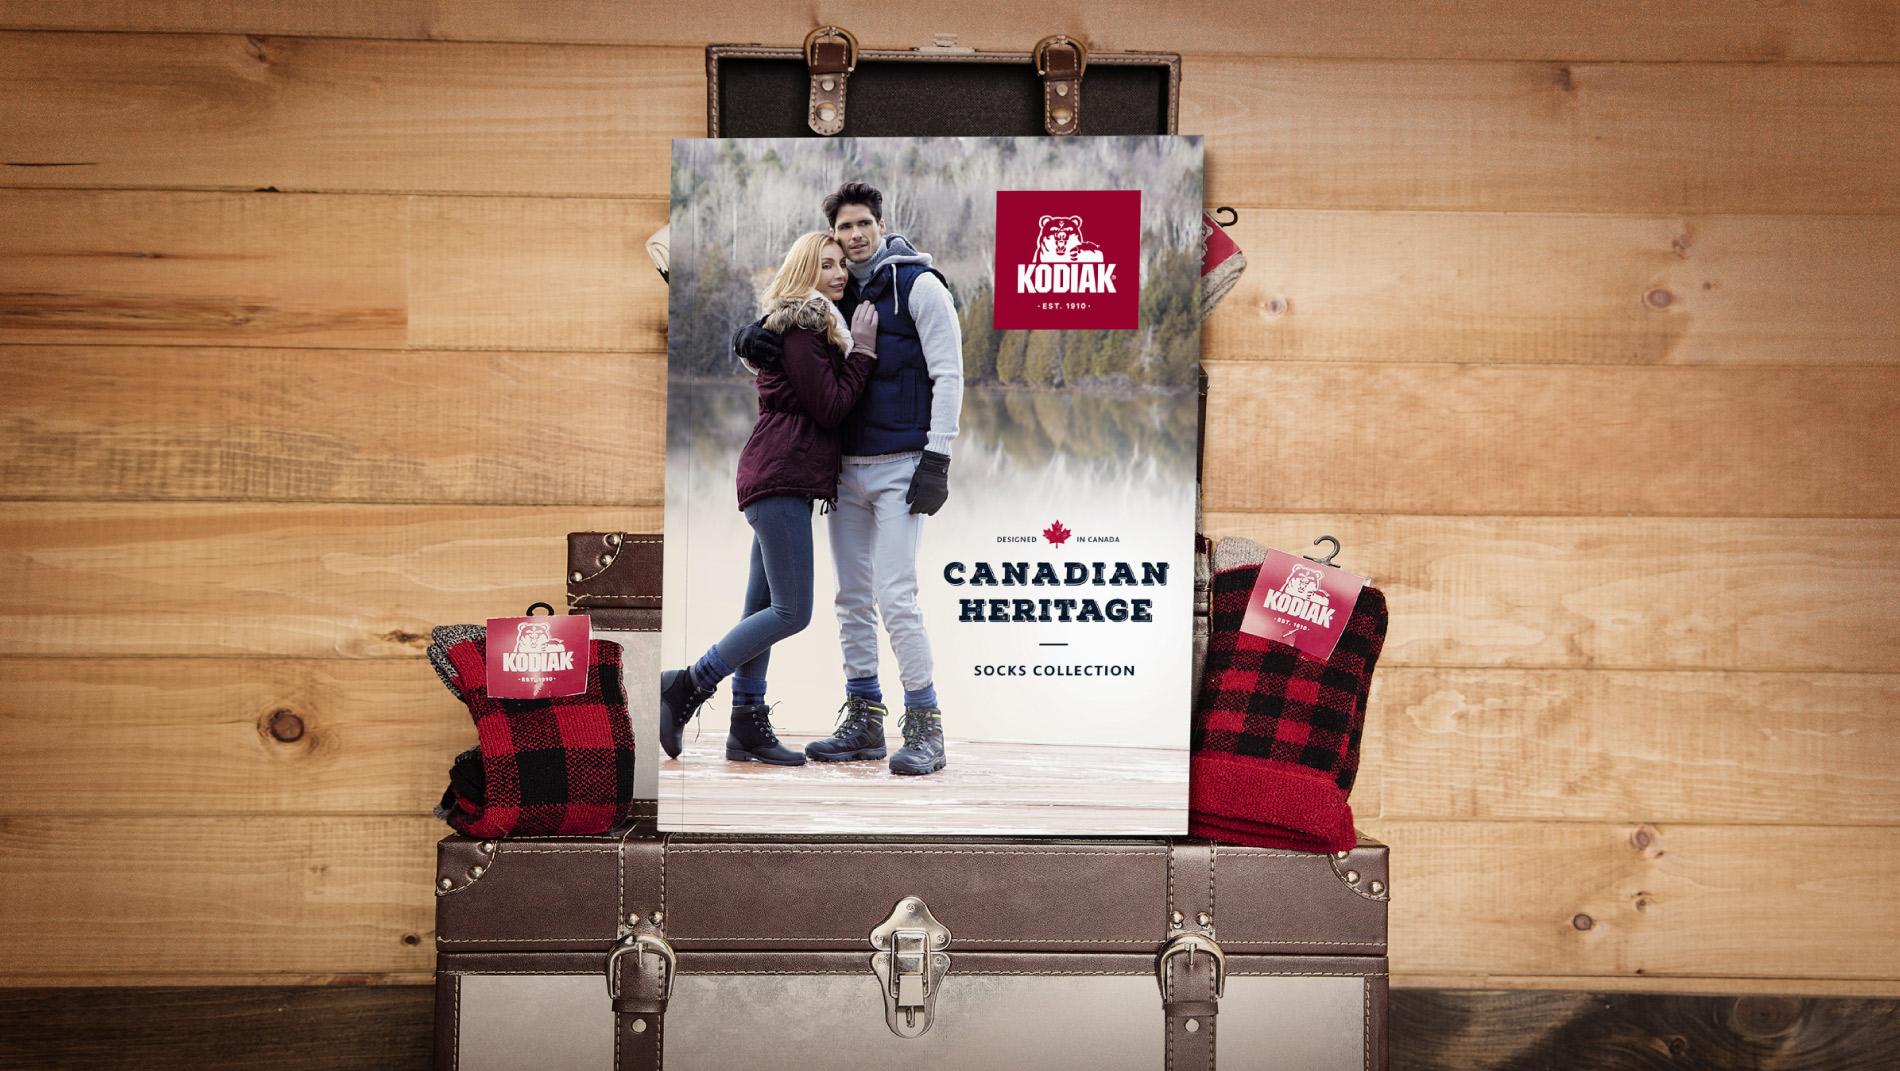 Couverture du catalogue de chaussettes et bas Kodiak : Canadian Heritage